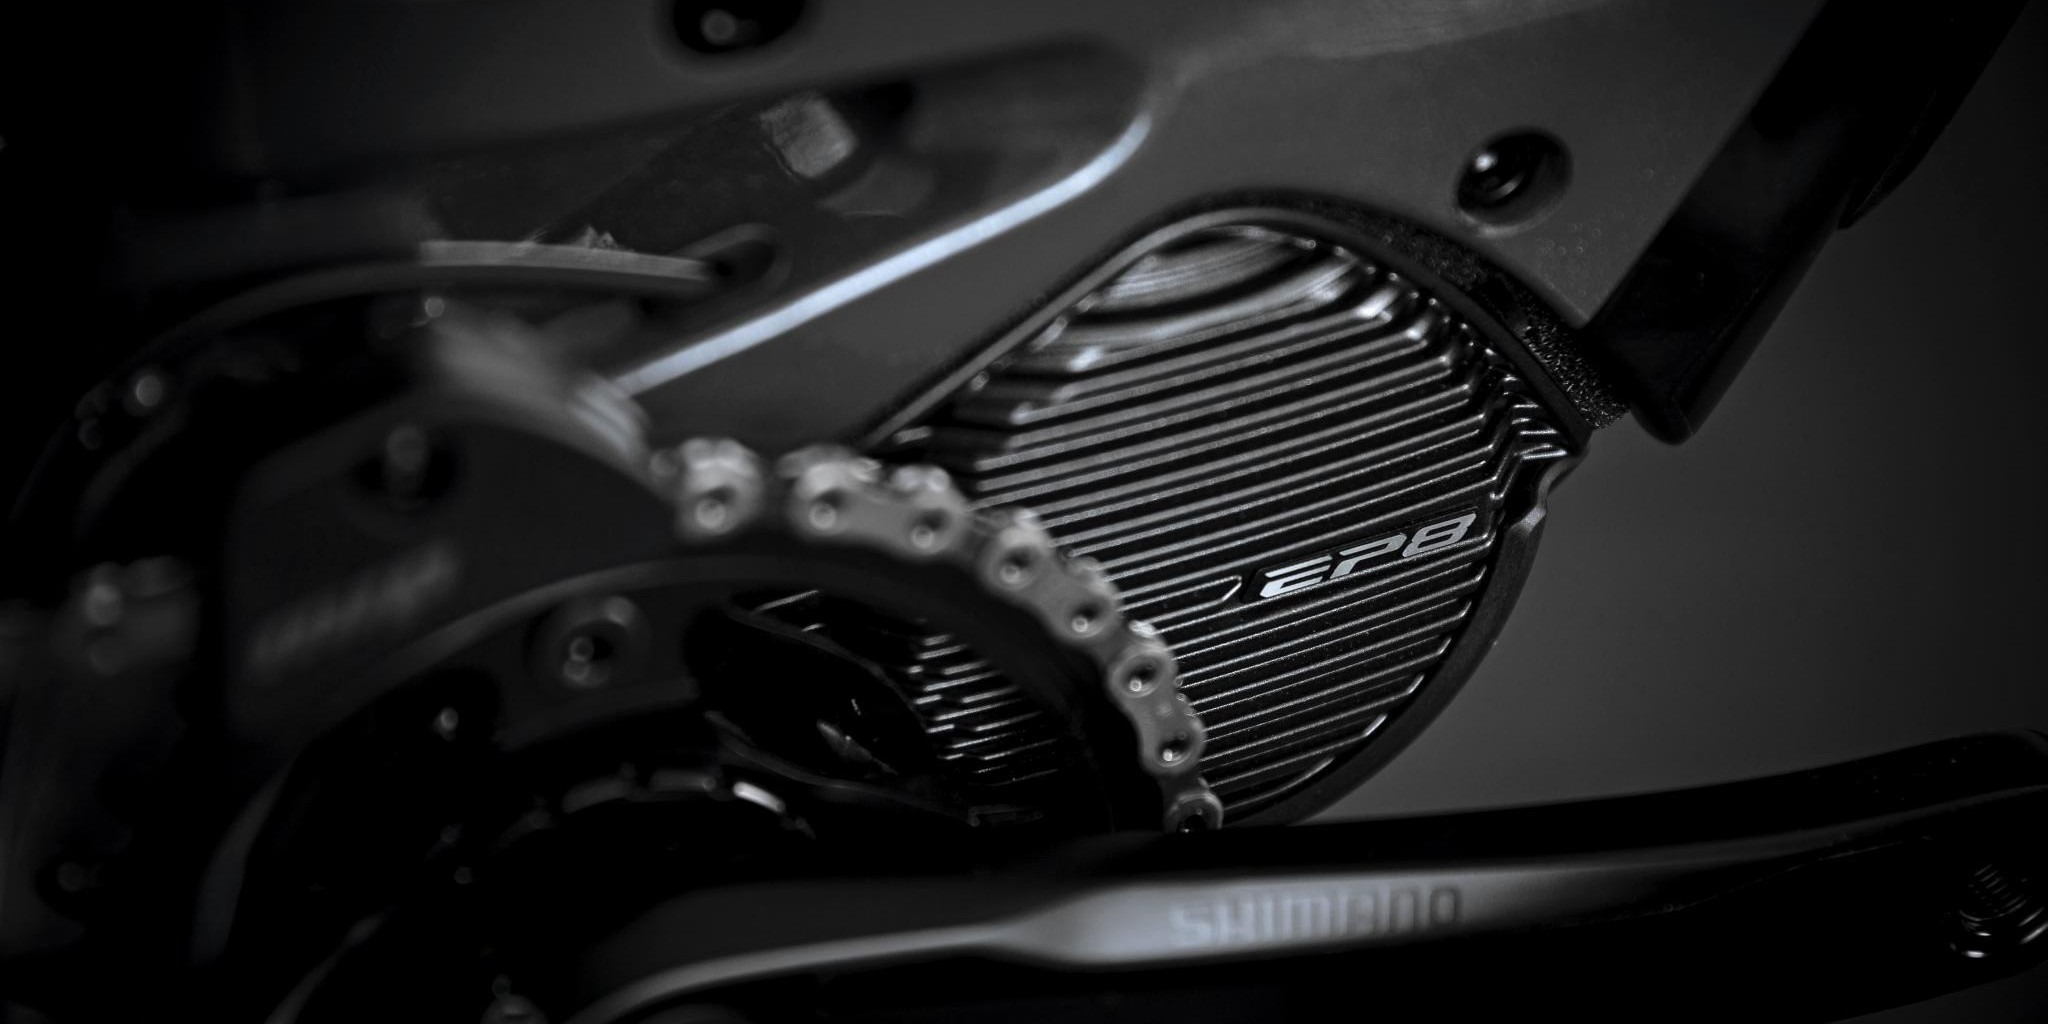 Merida eOne-Sixty & Shimano EP8